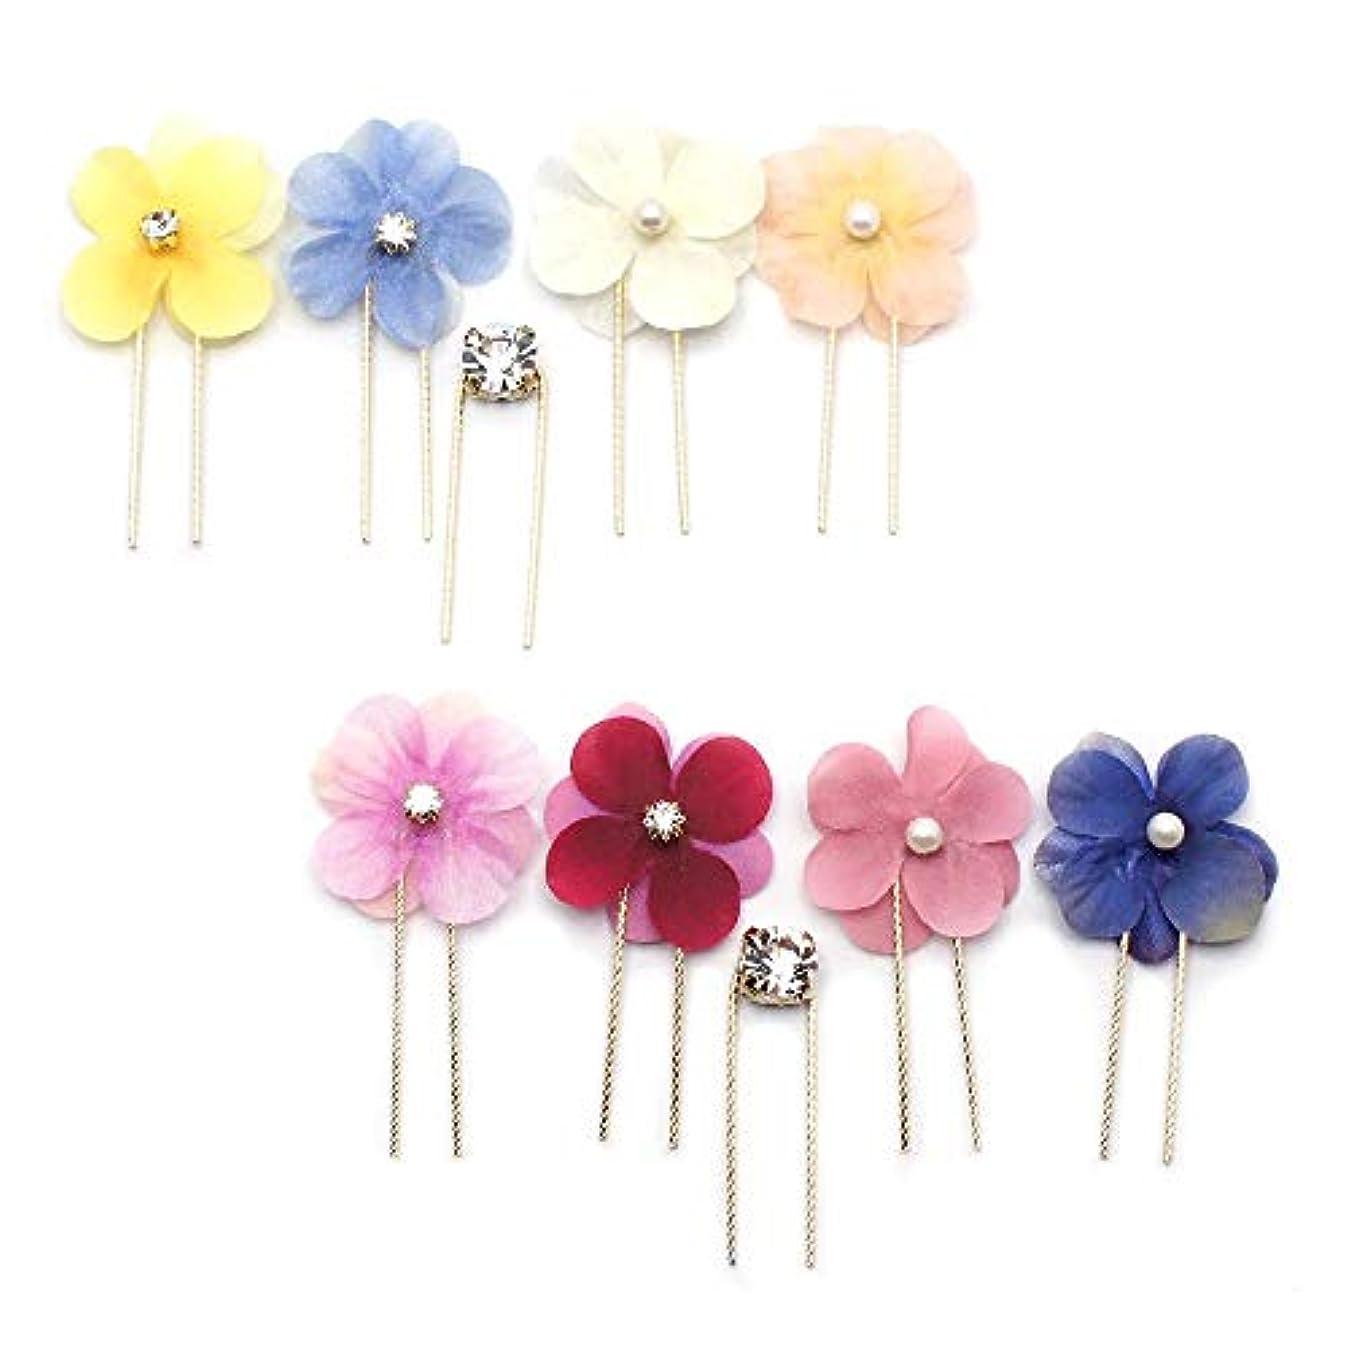 眠り消化薄暗いtear flower ミニUピンセット:zoule(ゾーラ) カラー:ダーク